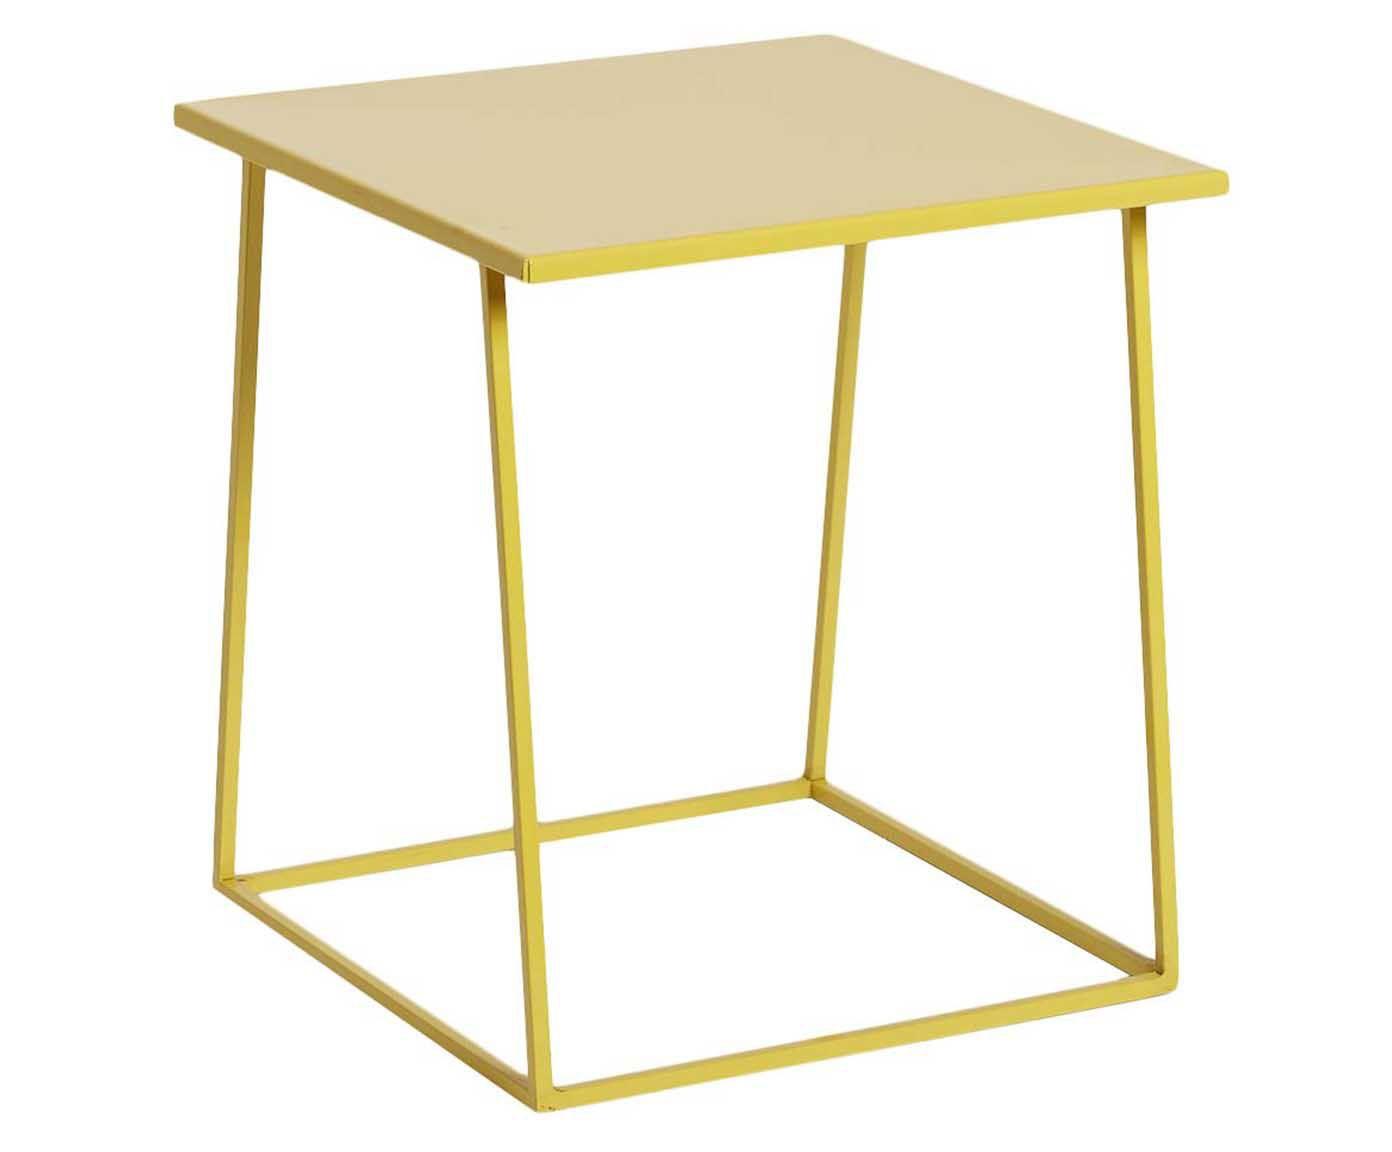 Mesa de canto charm - soleil | Westwing.com.br